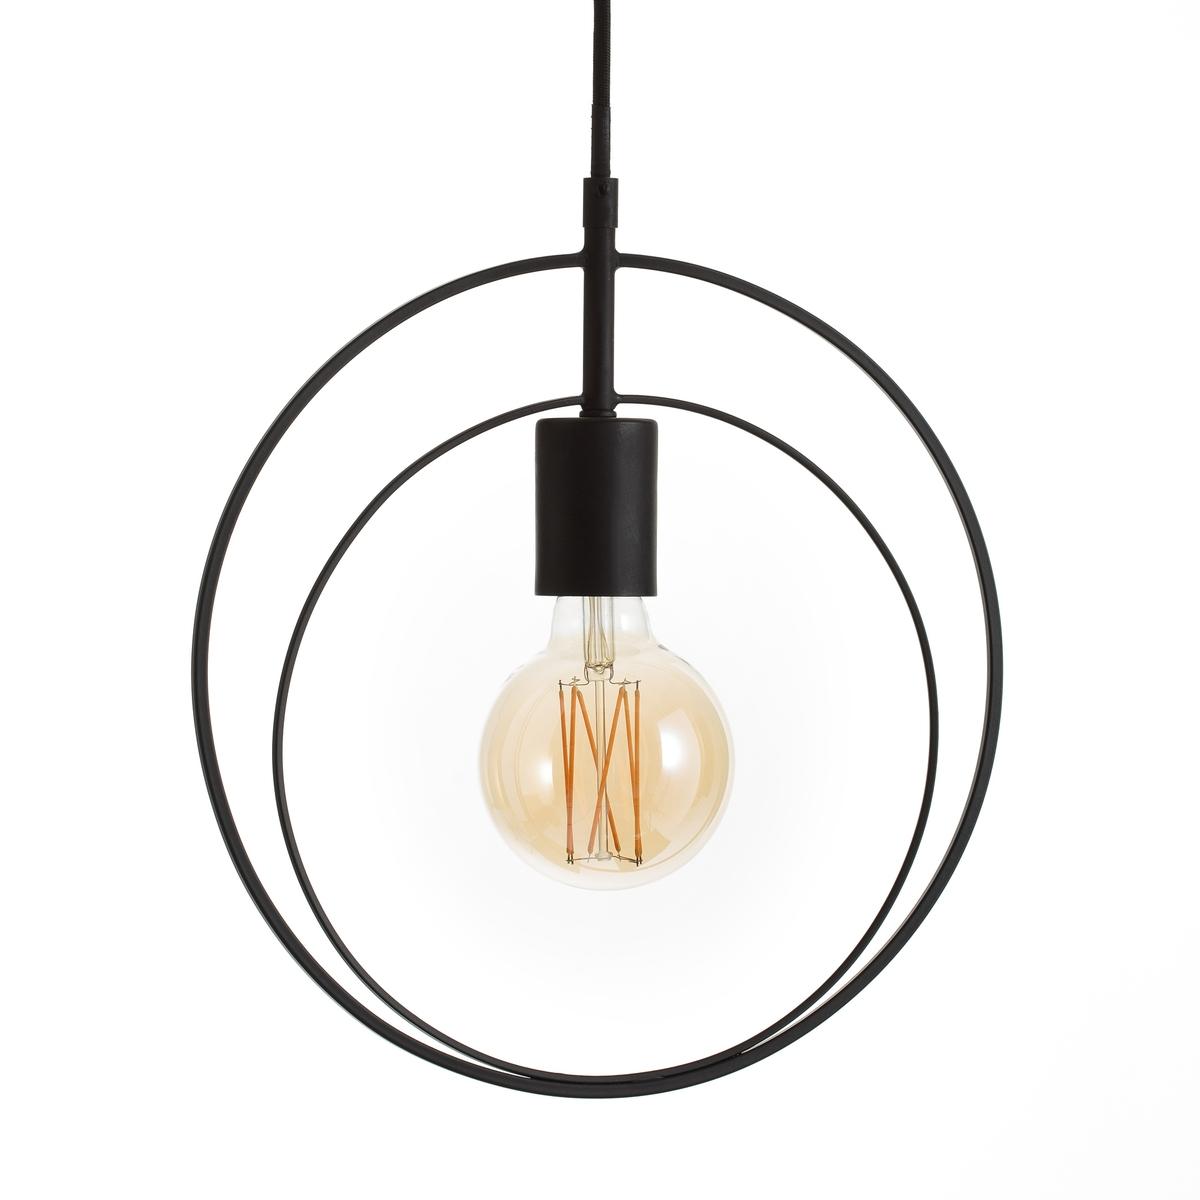 Светильник TourbilleСветильник Tourbille. строгий и элегантный светильник с 2 металлических ободами .Прекрасно смотрится с лампочкой с декоративной нитью, продающейся на сайте . Характеристики : - Из металла  Патрон E27 для лампочки с экономией энергии макс. 15 Вт( не входит в комплект) - Совместима с лампами класса энергопотребления AРазмеры : - L31 x H135 x P11 см<br><br>Цвет: черный